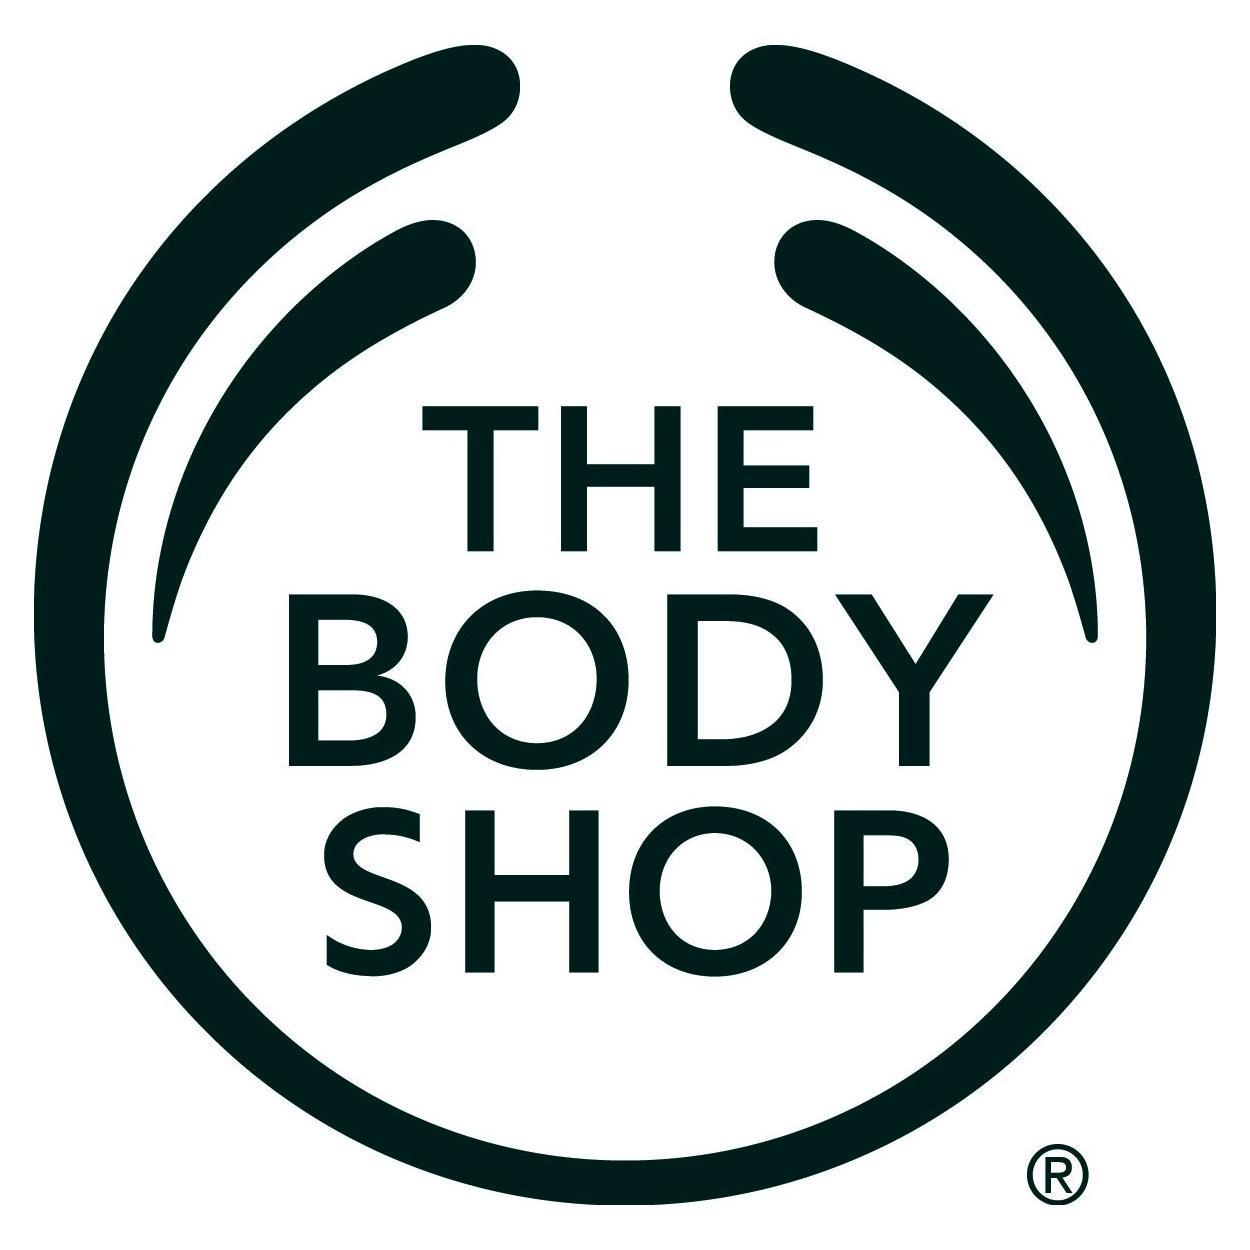 [Membres Love Your Body] 40% de réduction dès 4 produits achetés, 30% pour 3 produits et 20% pour 2 produits (hors points rouges et promotions)